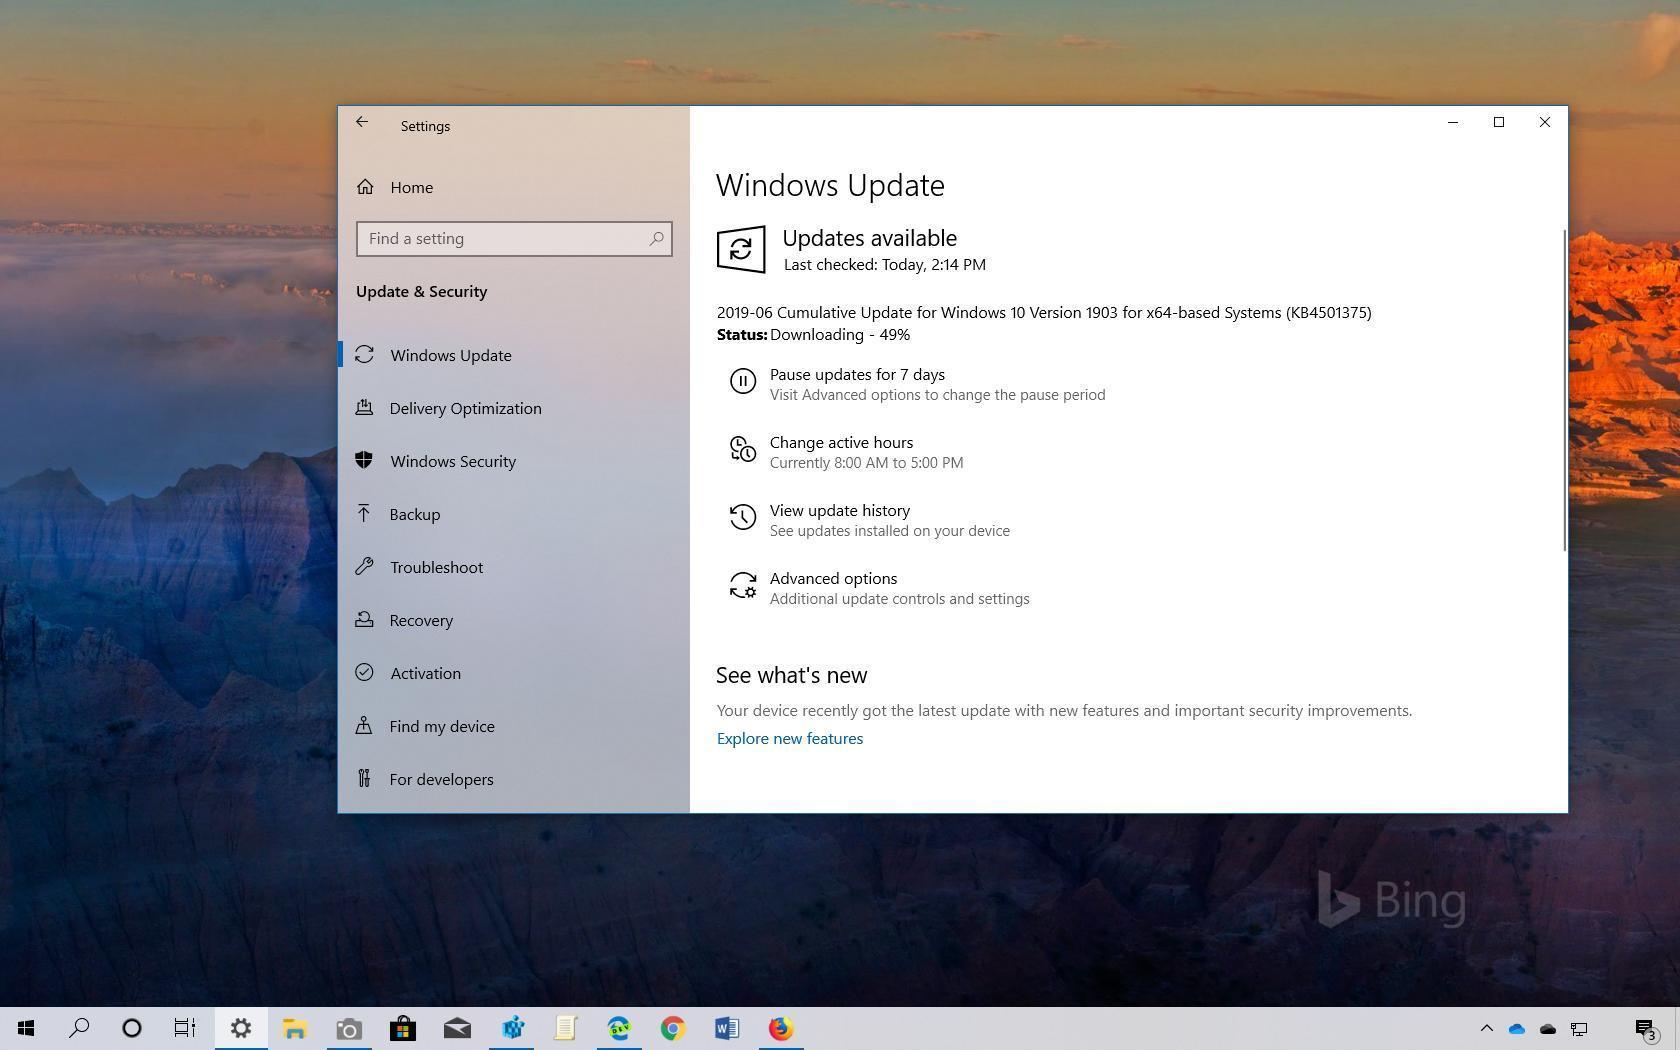 Windows 10 KB4501375 Güncellemesi 1903 Sürümü için Yayınlandı (18362.207)